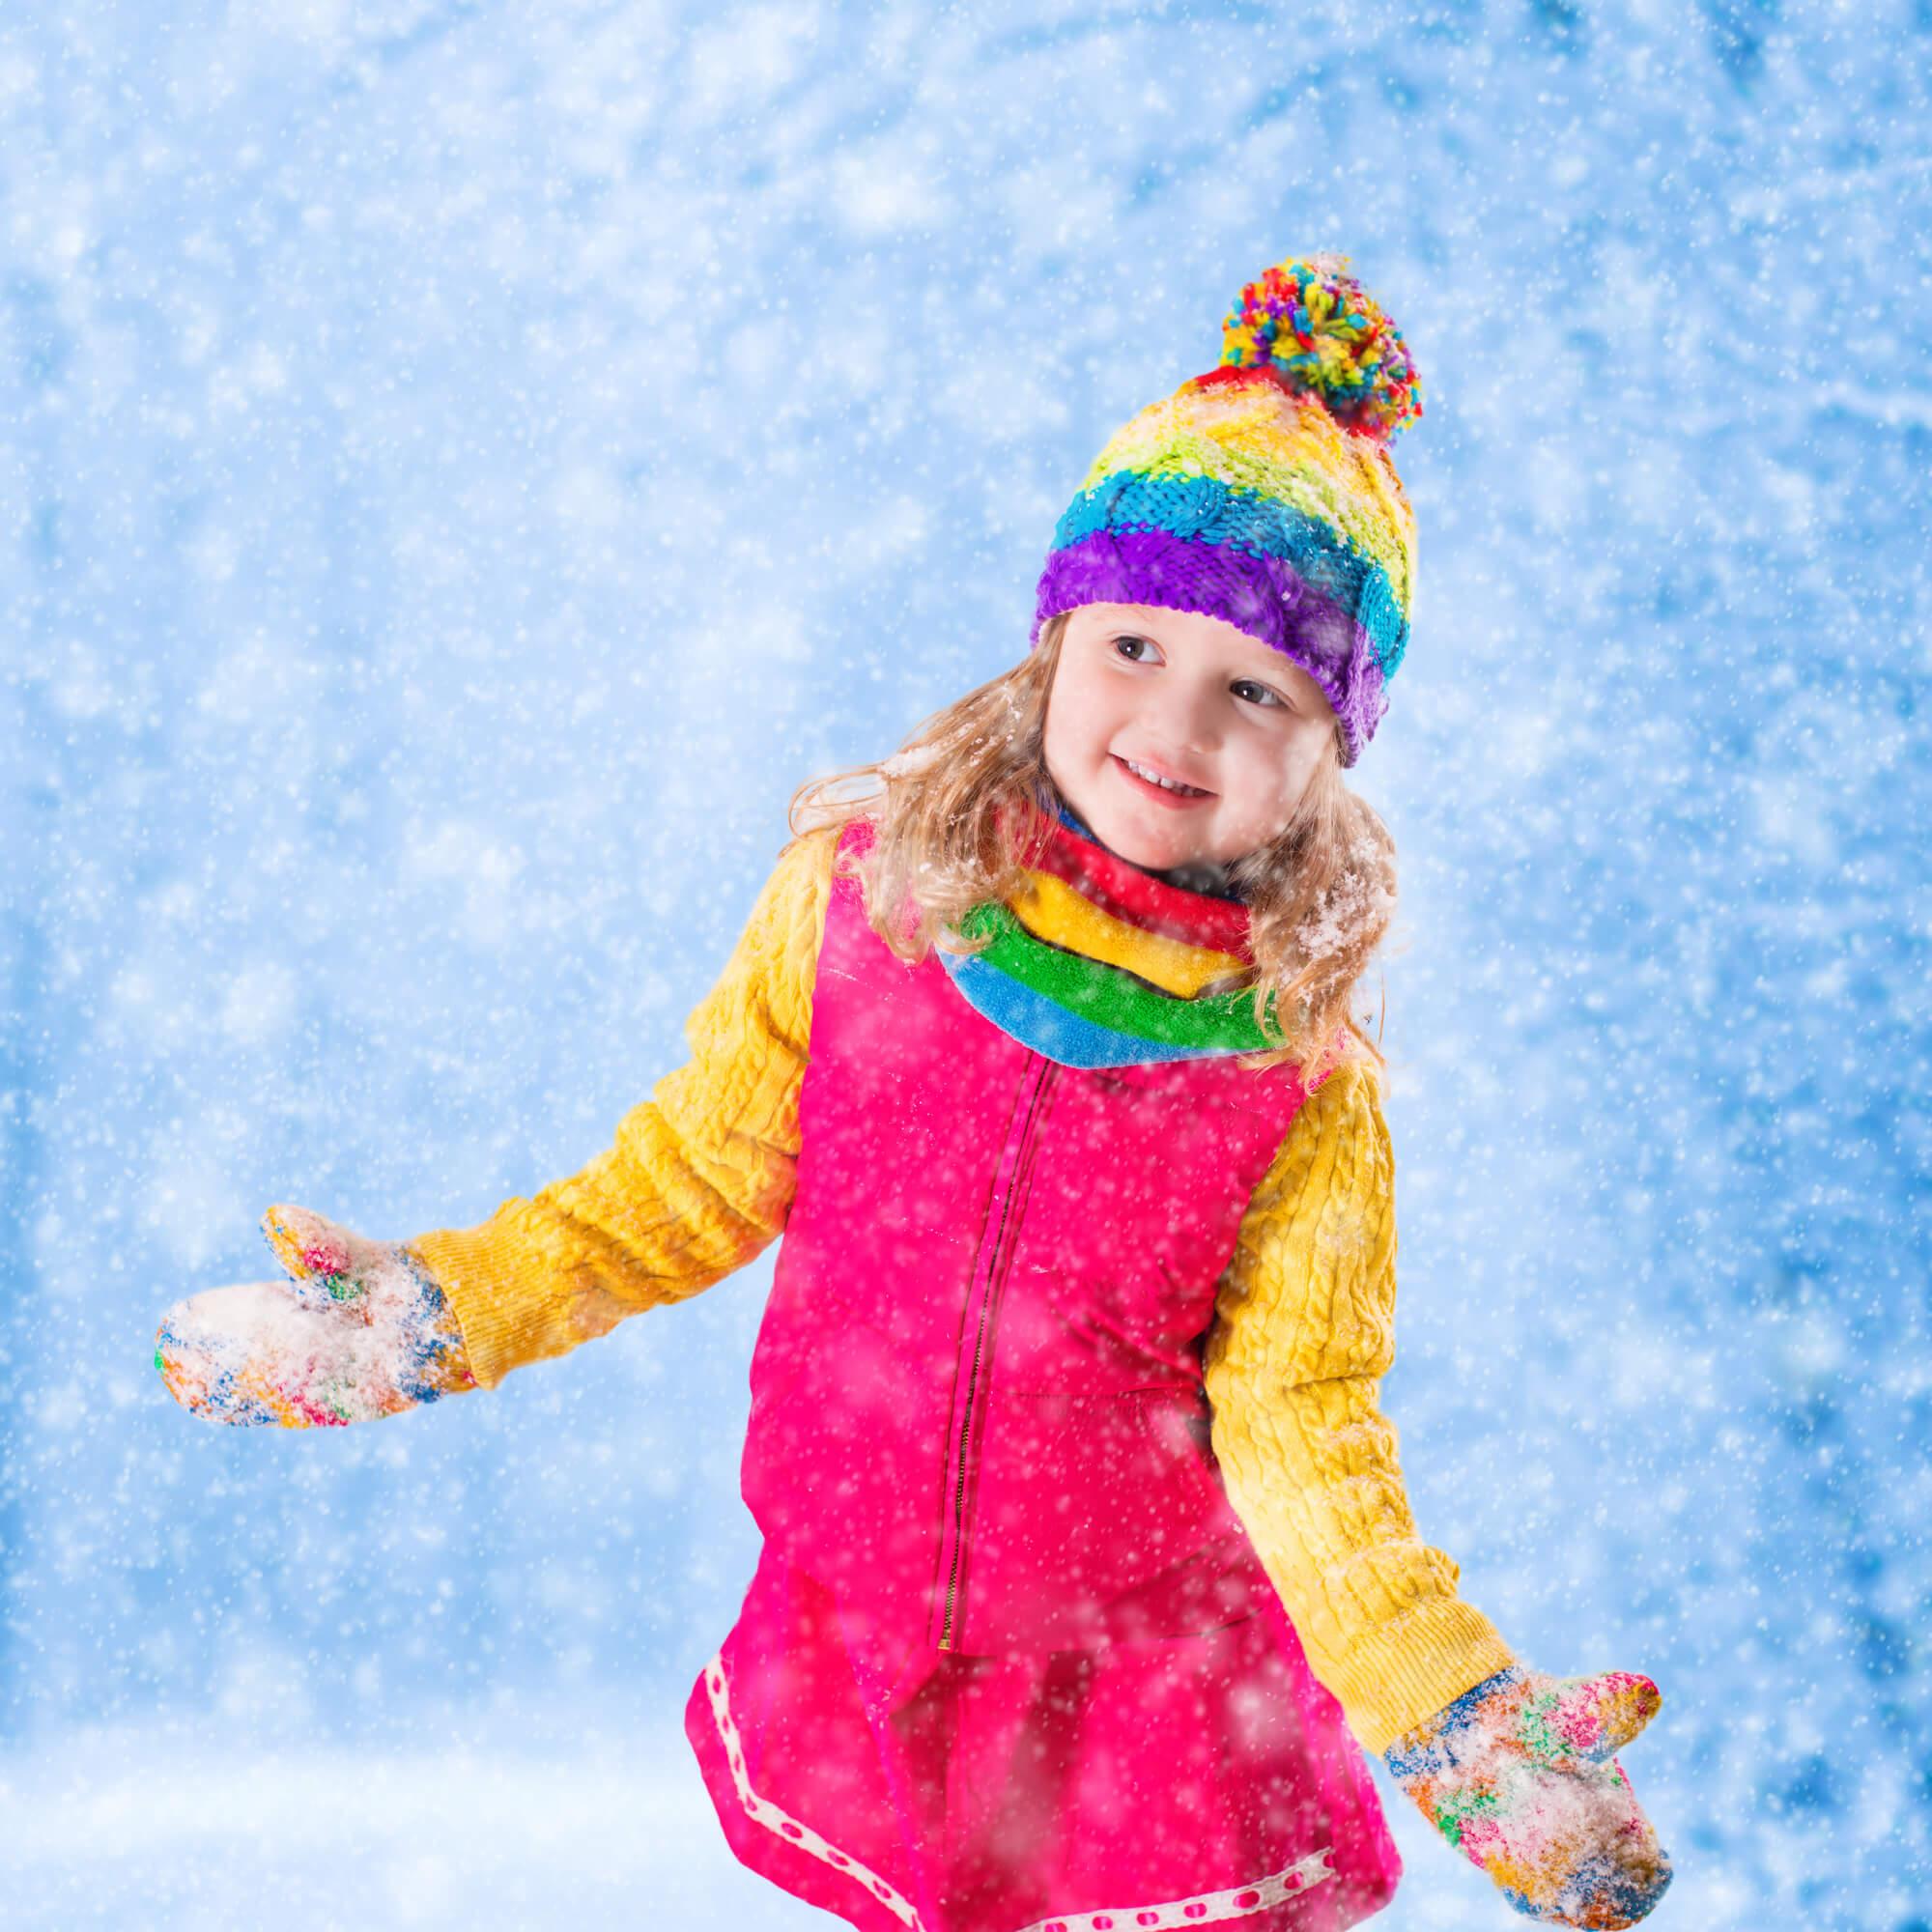 寒い冬の時期だからこそ成人式のドレスレンタルは温かデザインを